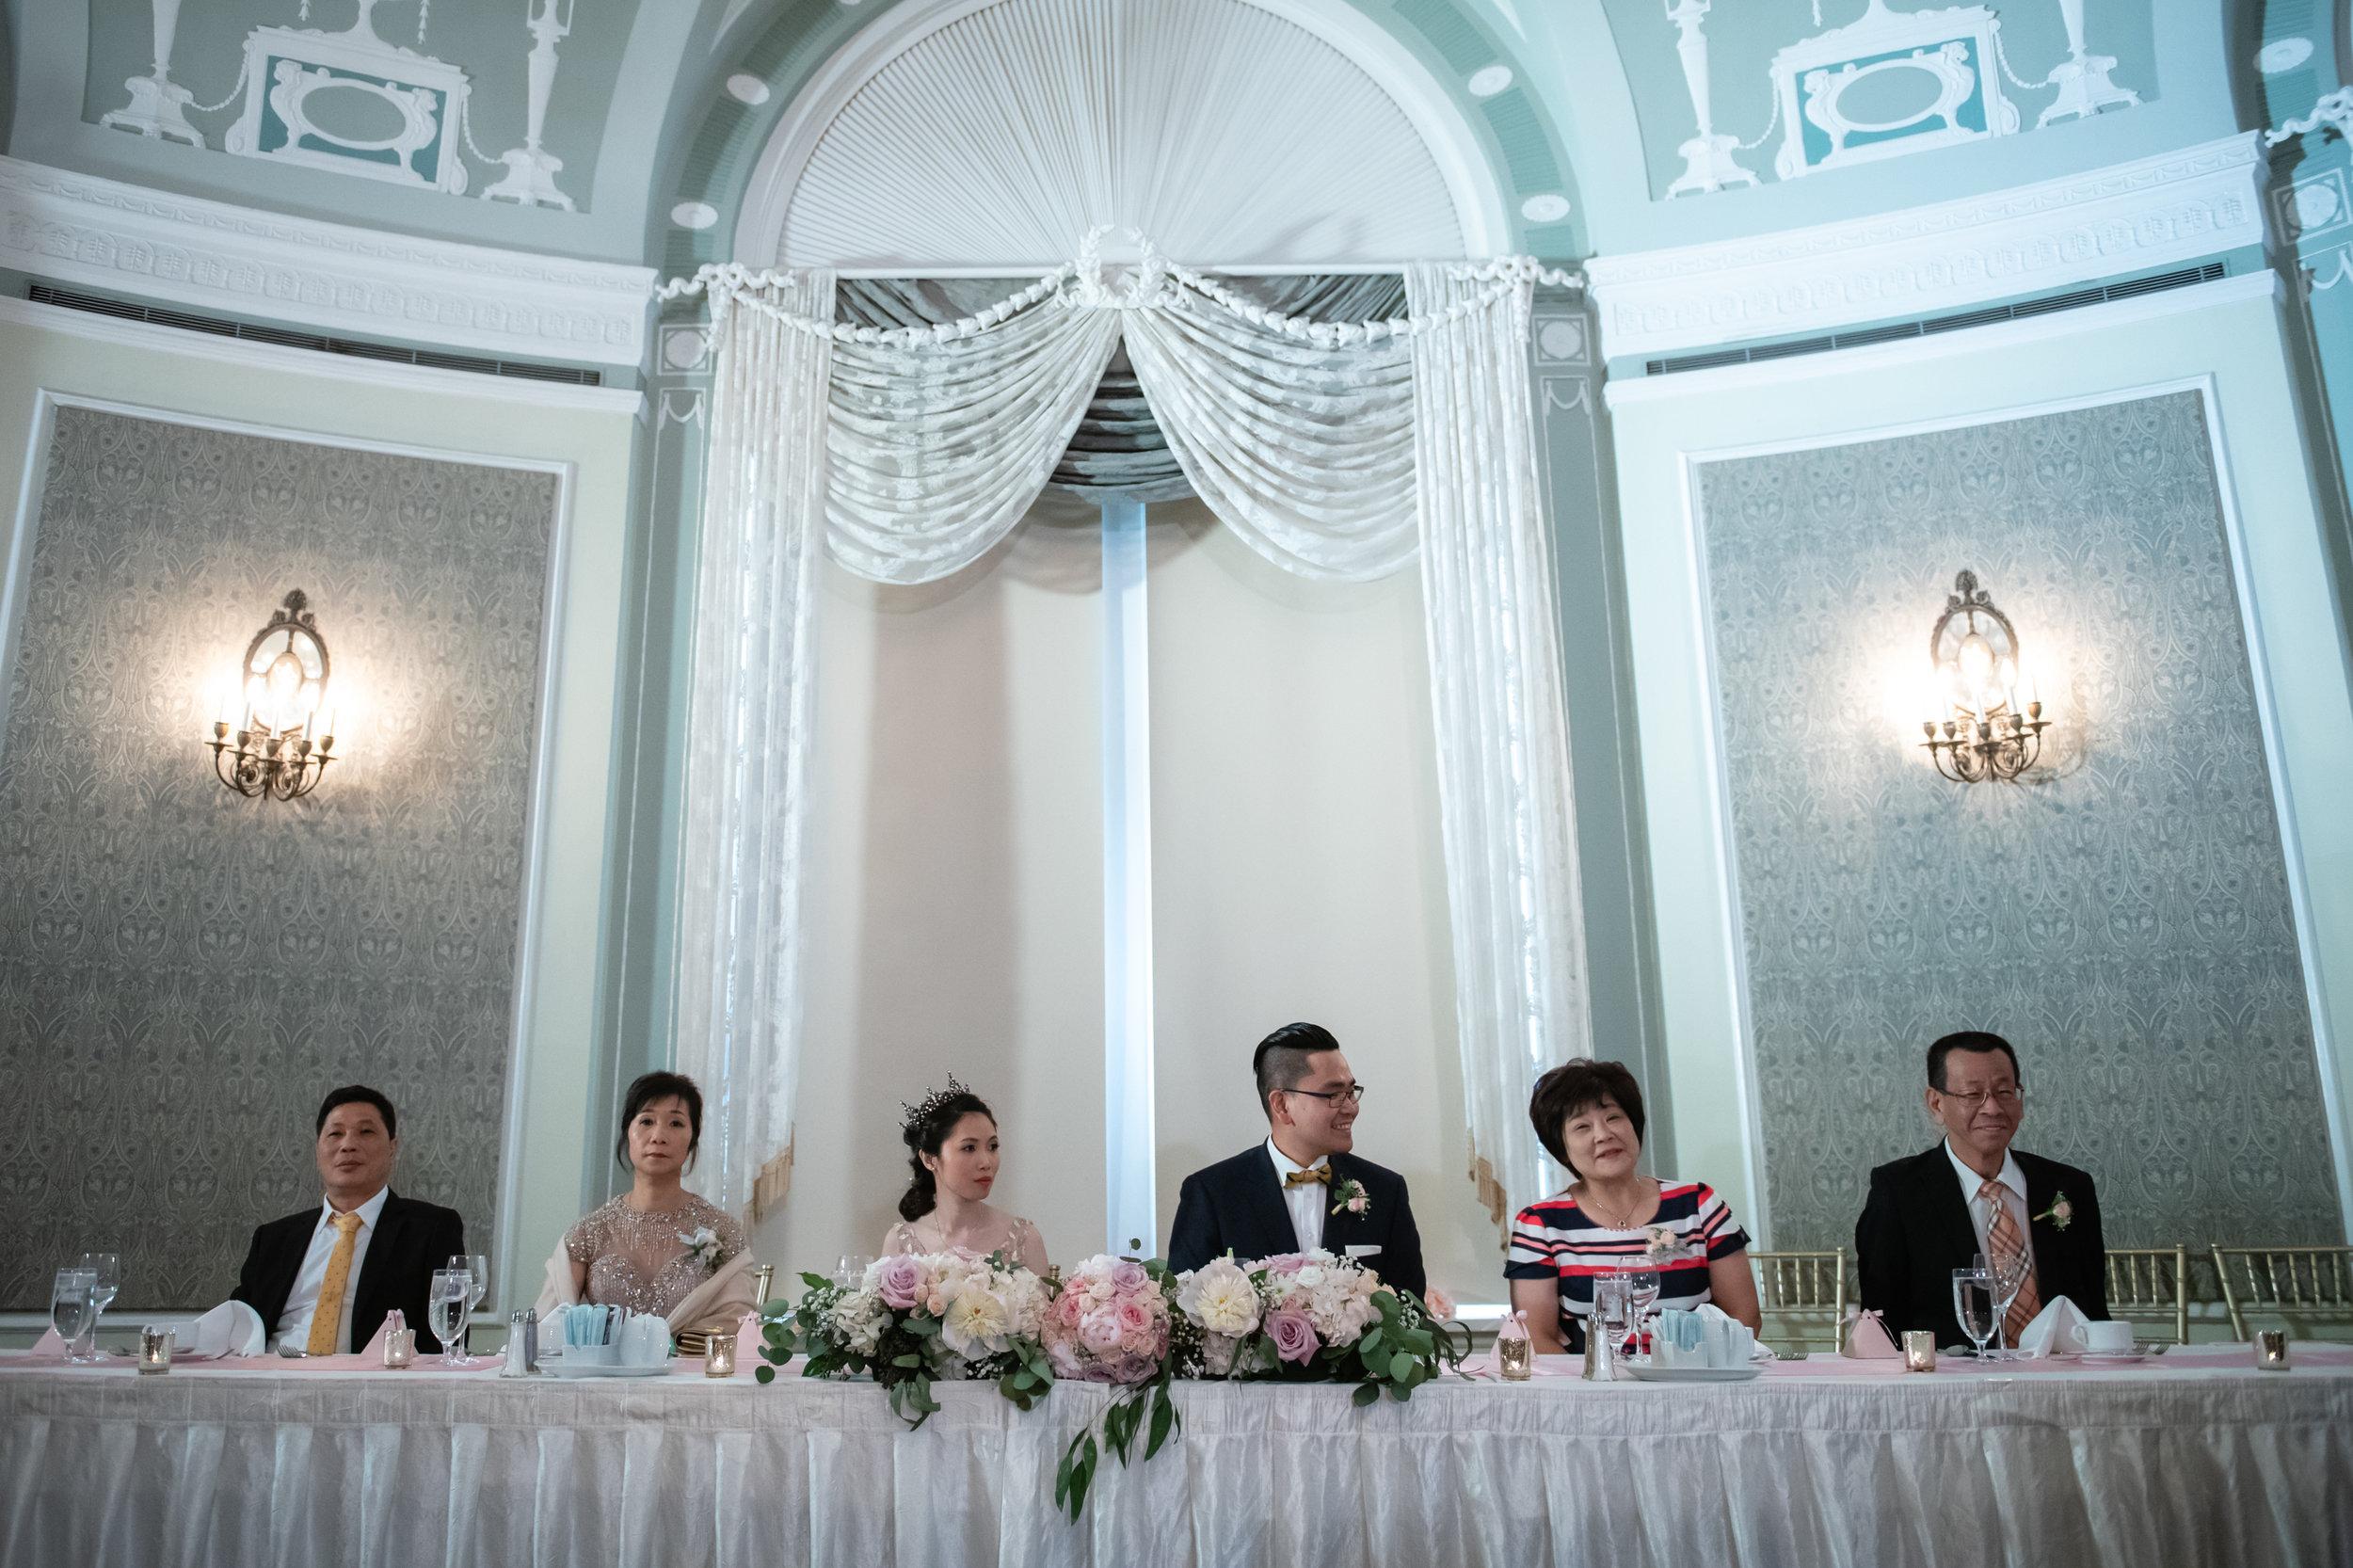 Selina_Chris_Wedding_Sneak_Peek_076.jpg